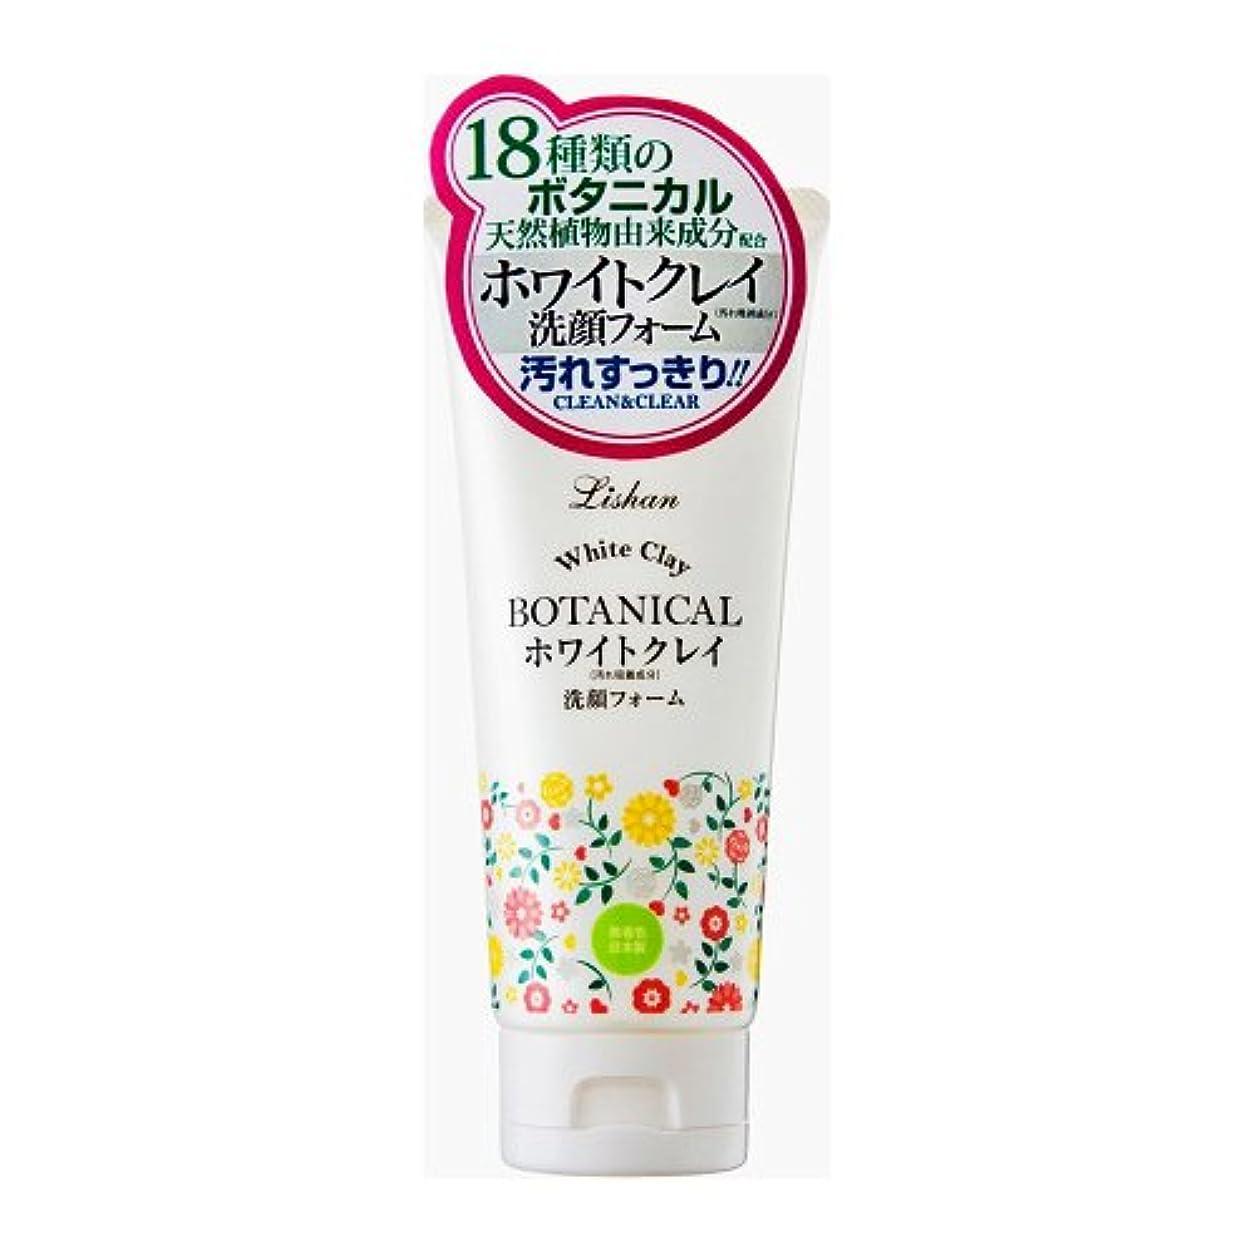 句狼変なリシャン ホワイトクレイ洗顔フォーム (フレッシュハーブの香り) (130g)